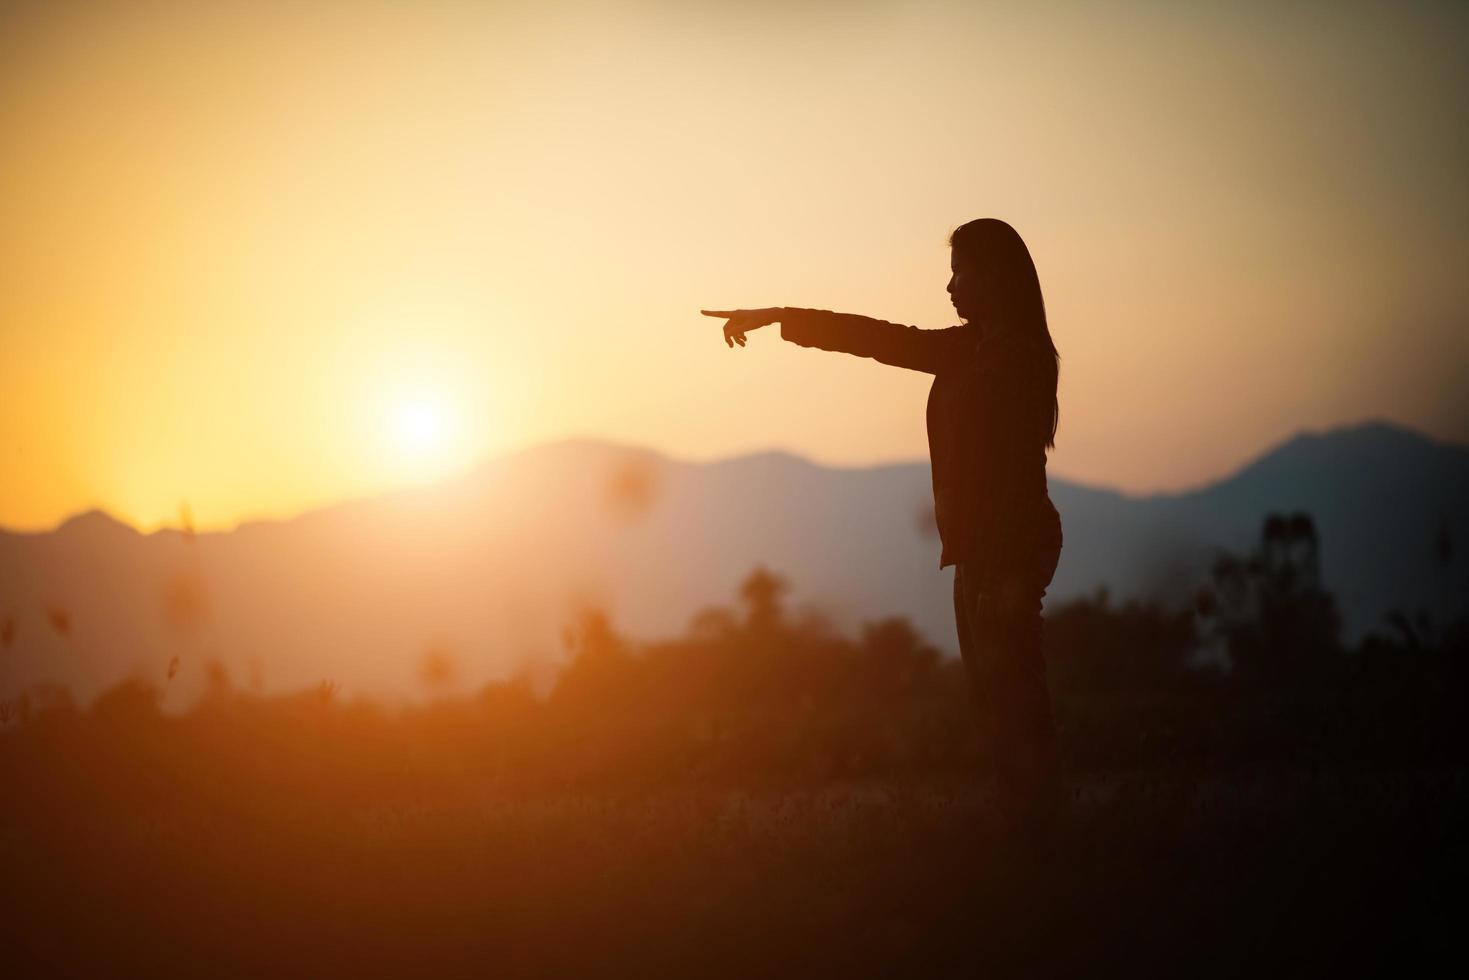 silhouette de femme sur fond de coucher de soleil magnifique photo